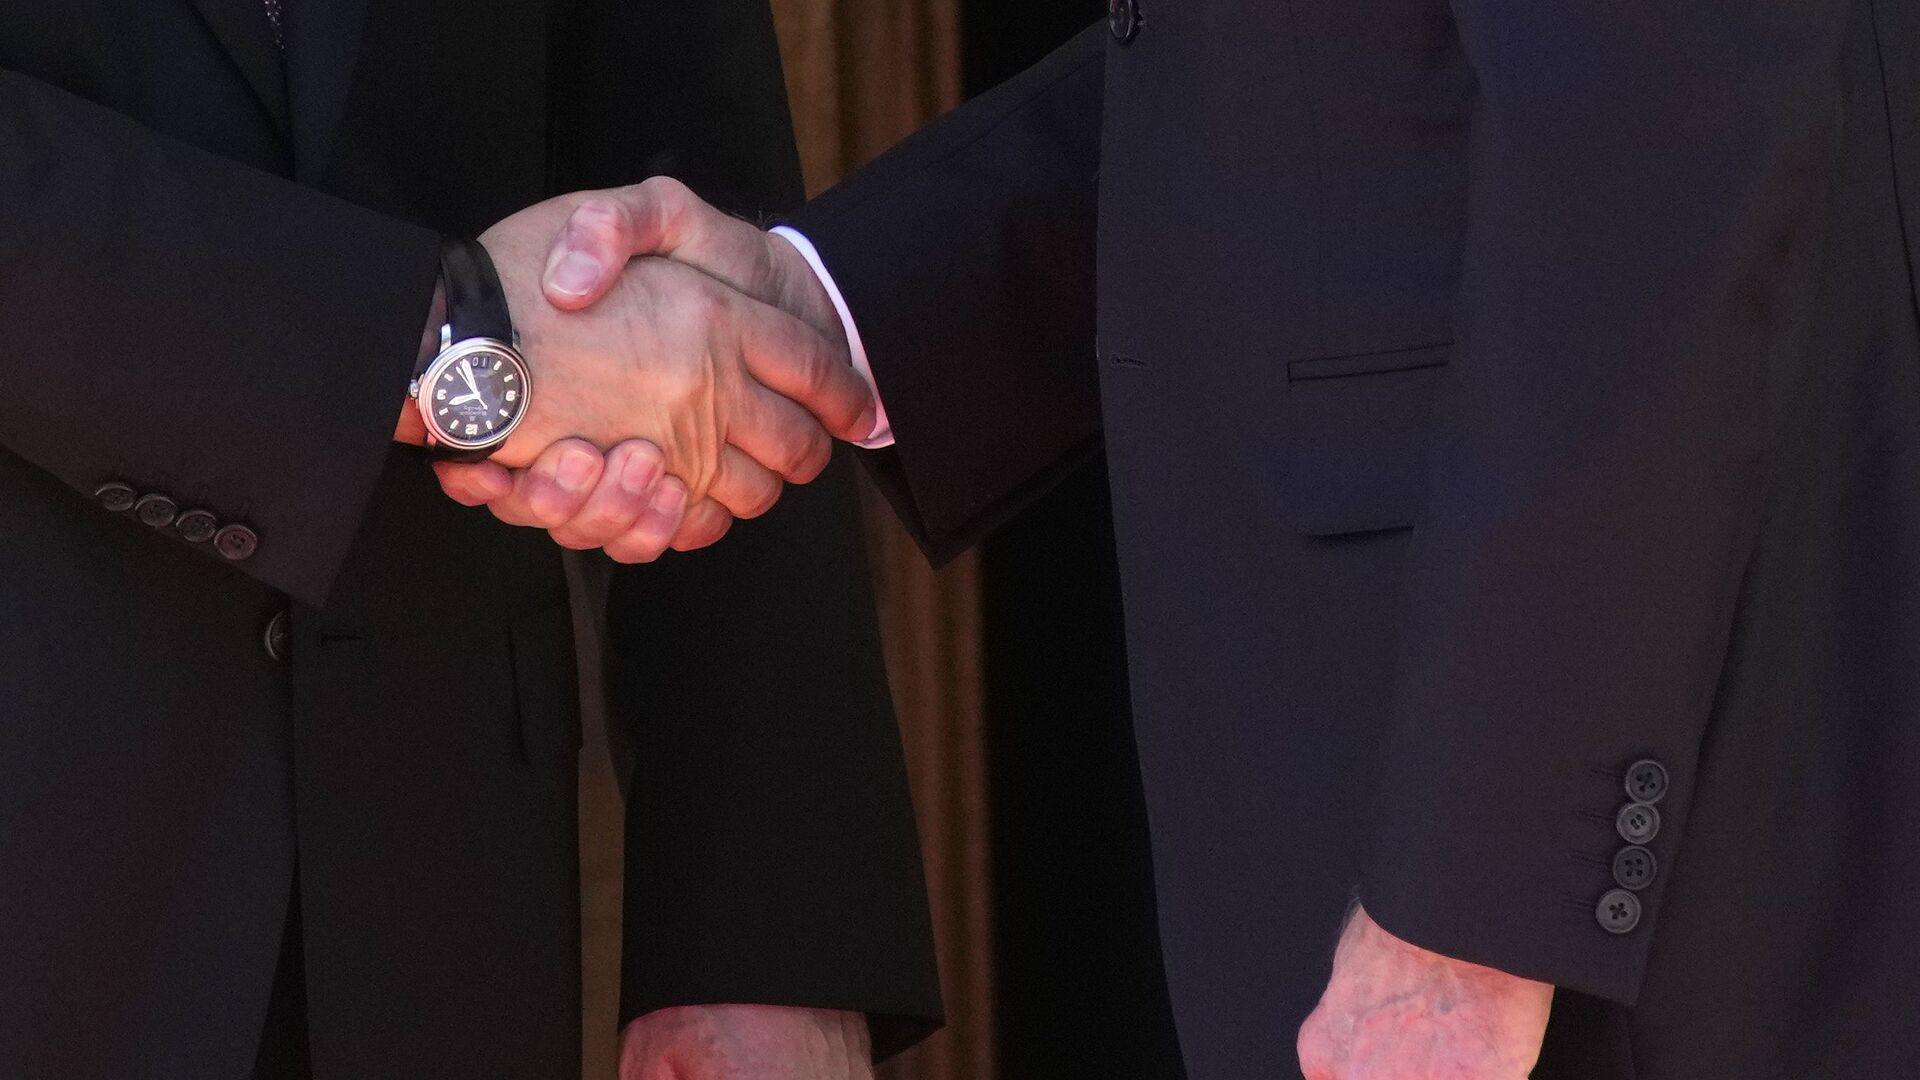 La stretta di mano tra Putin e Biden - Sputnik Italia, 1920, 23.09.2021